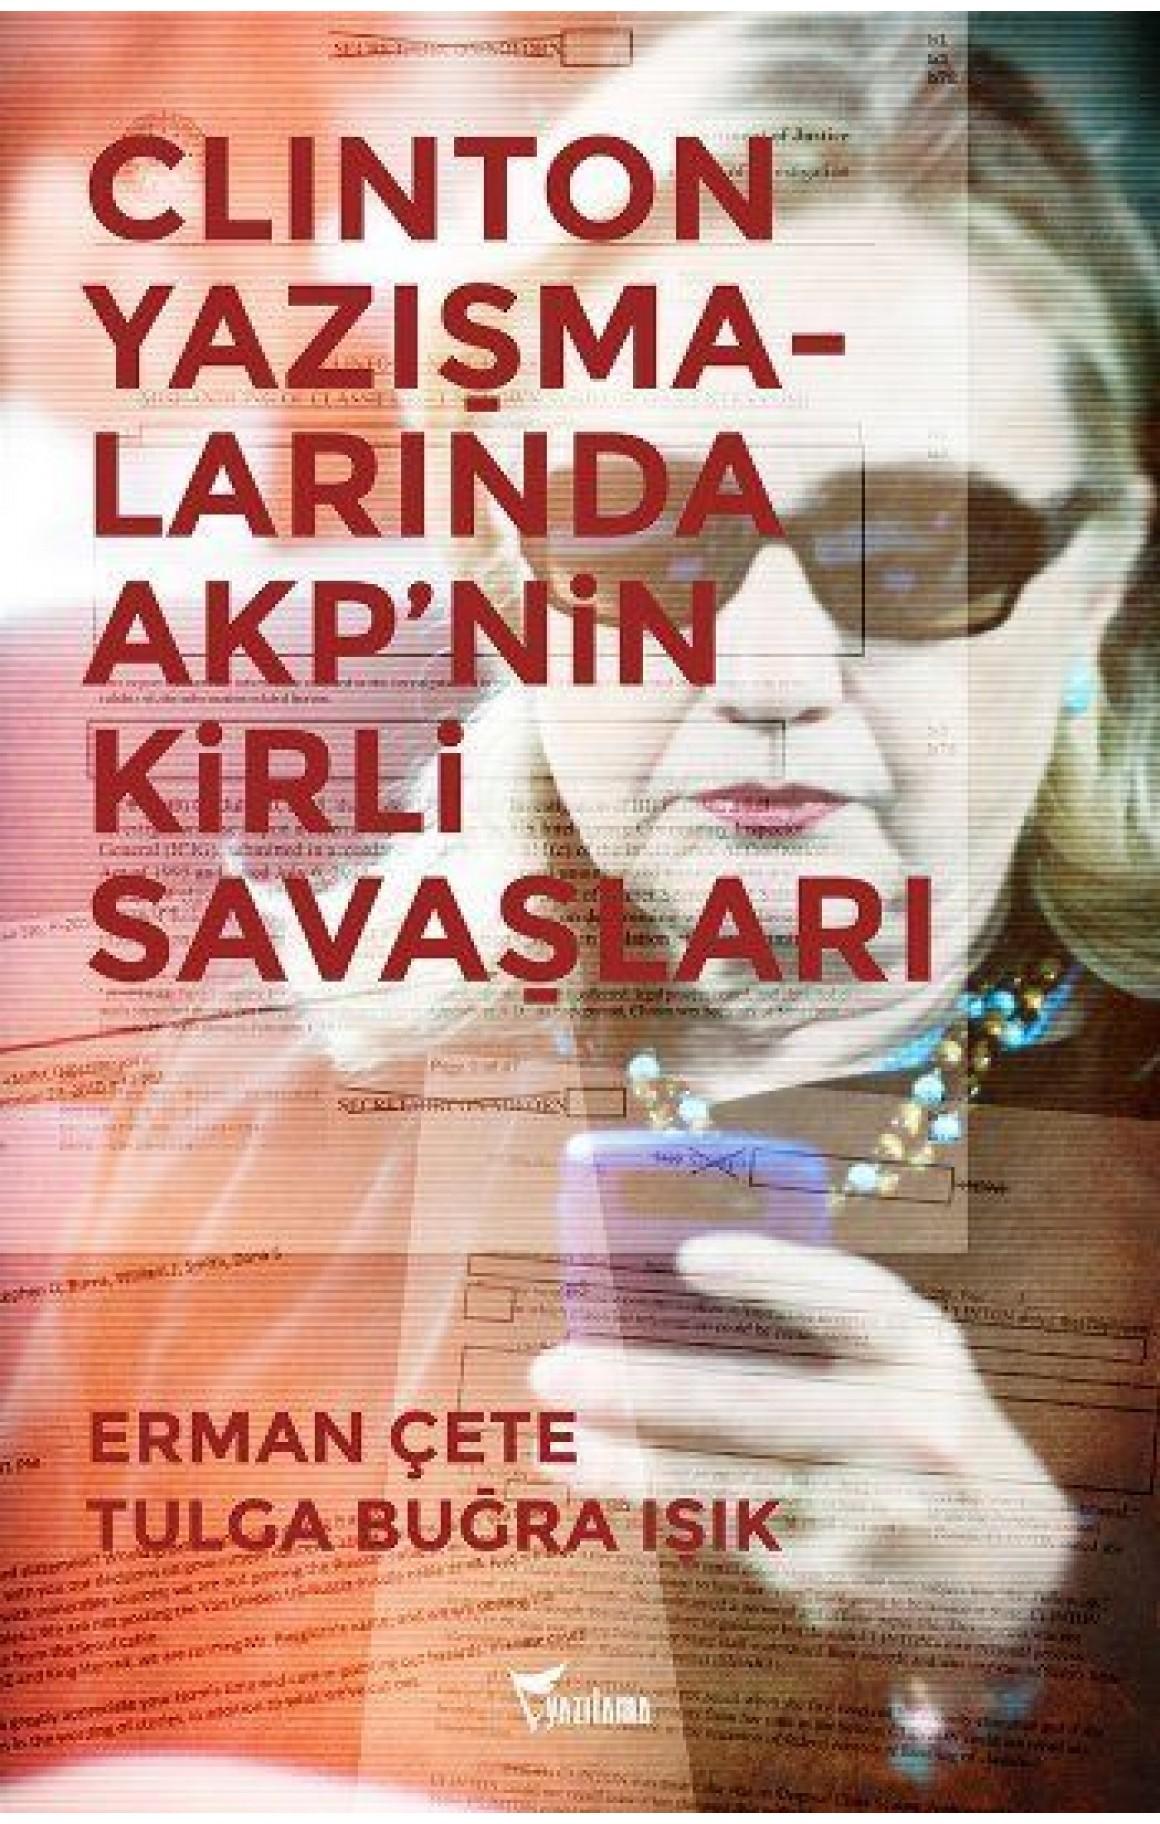 Clinton Yazışmalarında AKP'nin Kirli Savaşları